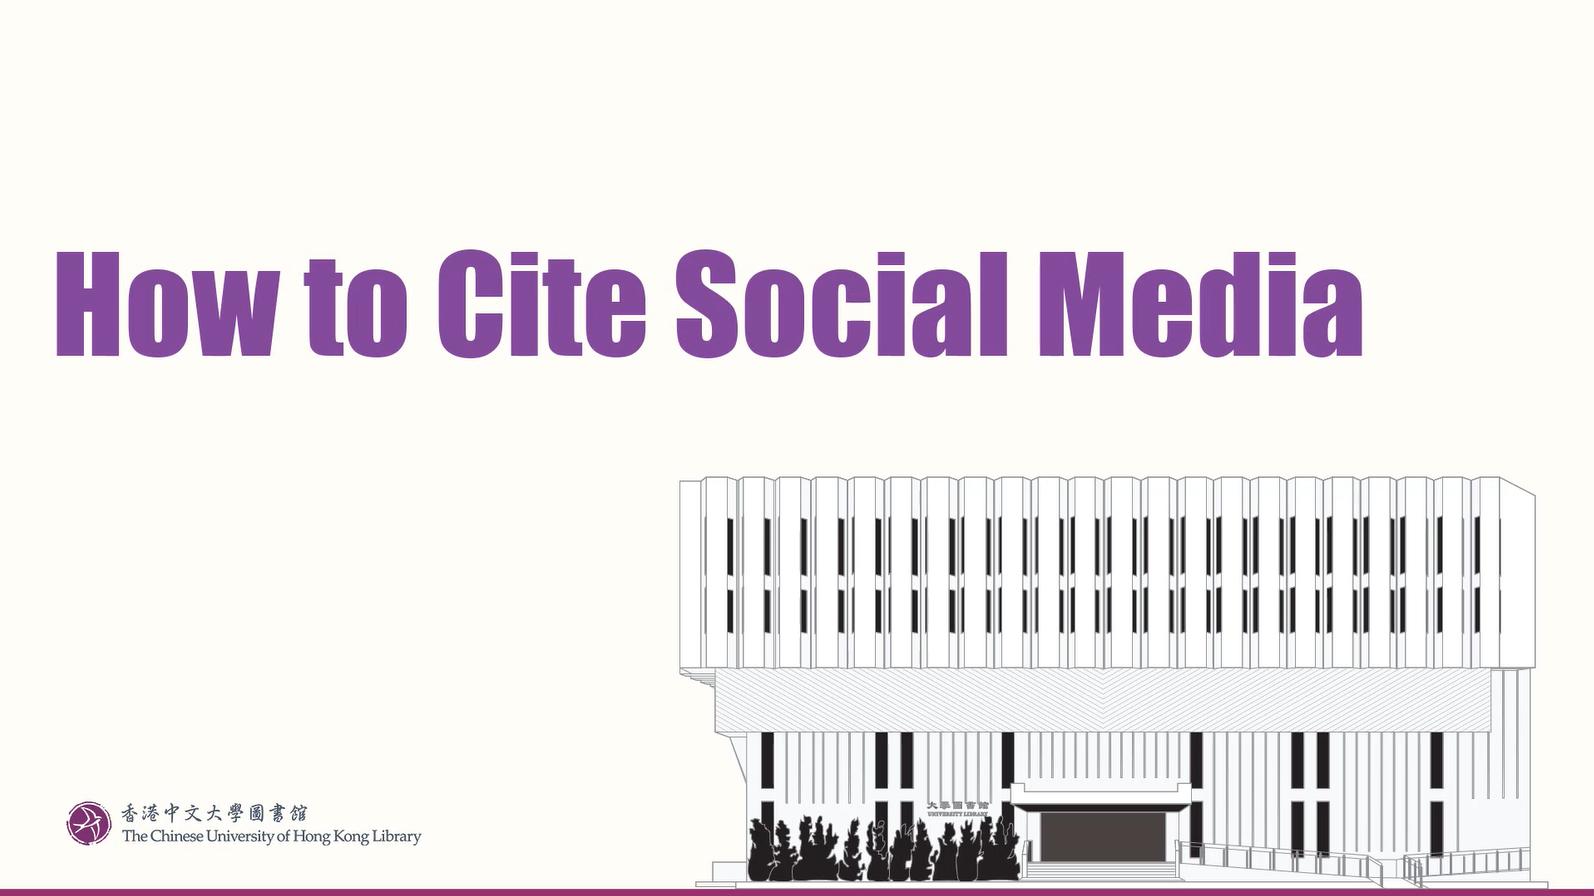 How to Cite Social Media